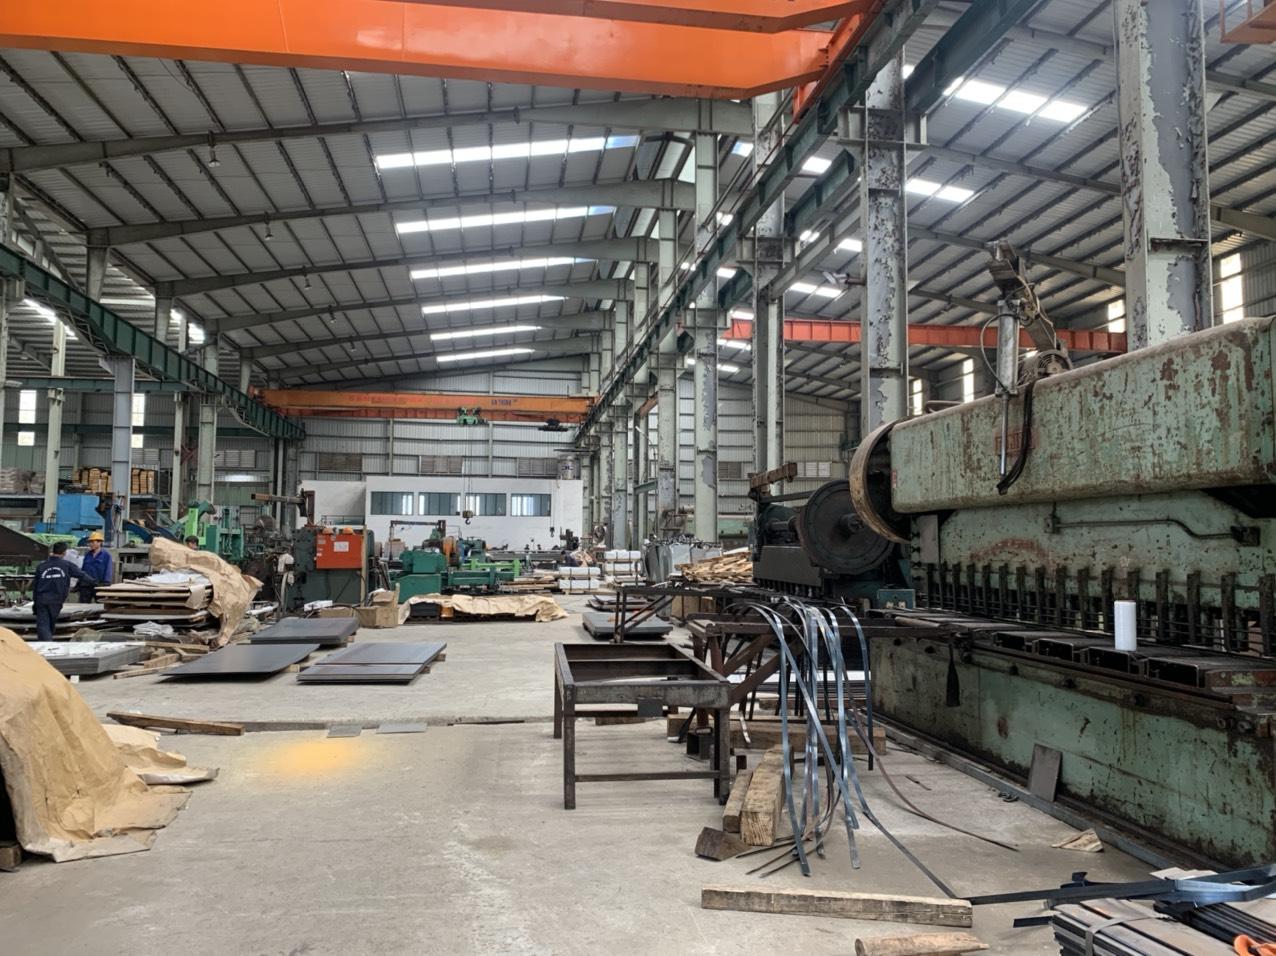 Quy trình cách làm cửa thép vân gỗ tại Cửa Thép Việt